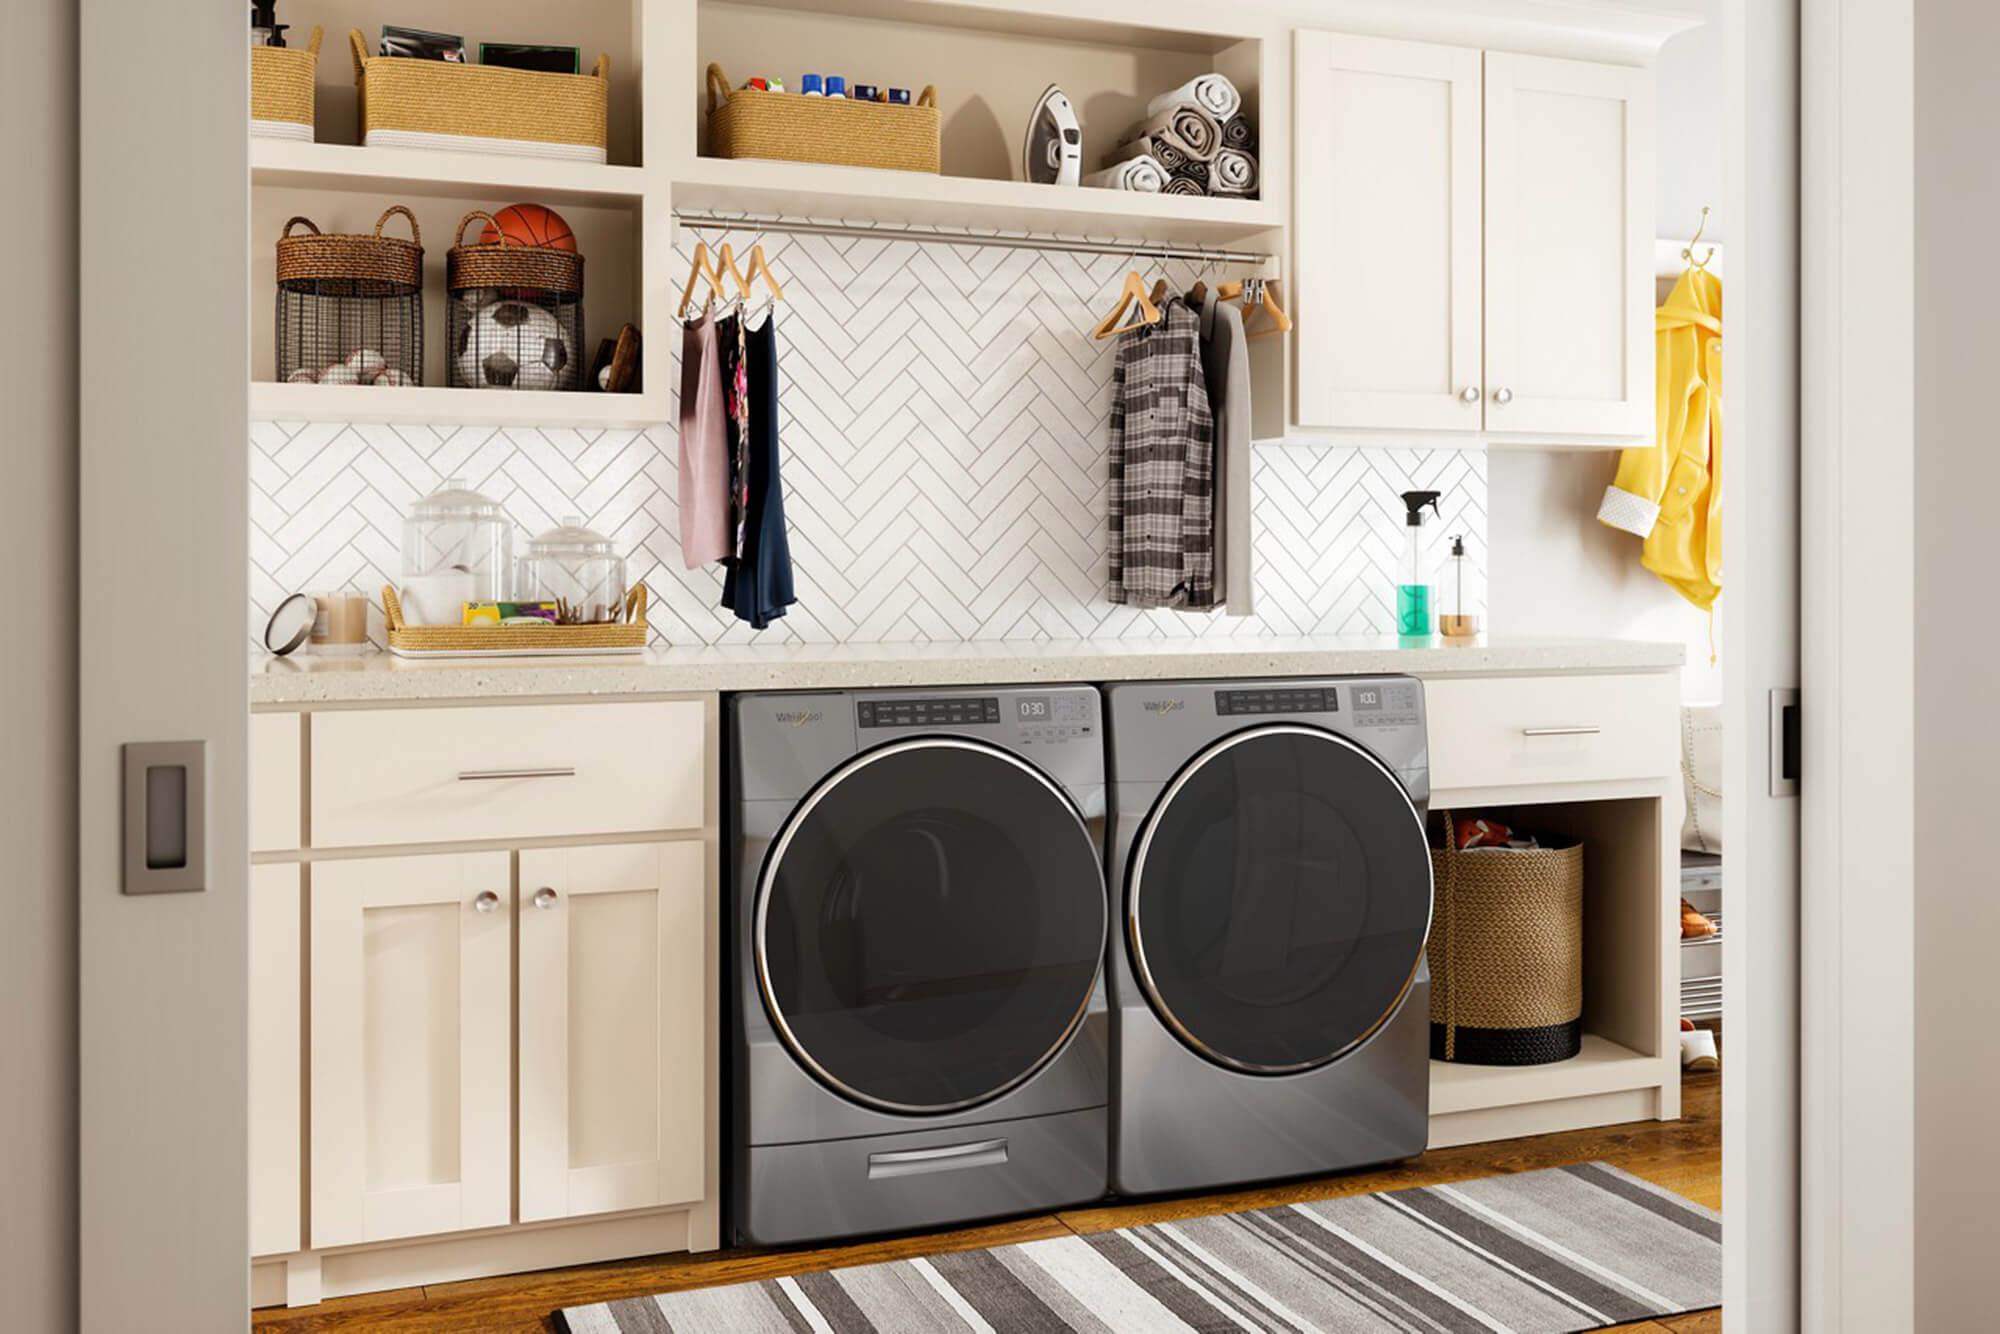 Es la mejor versión de una lavadora en el mercado.